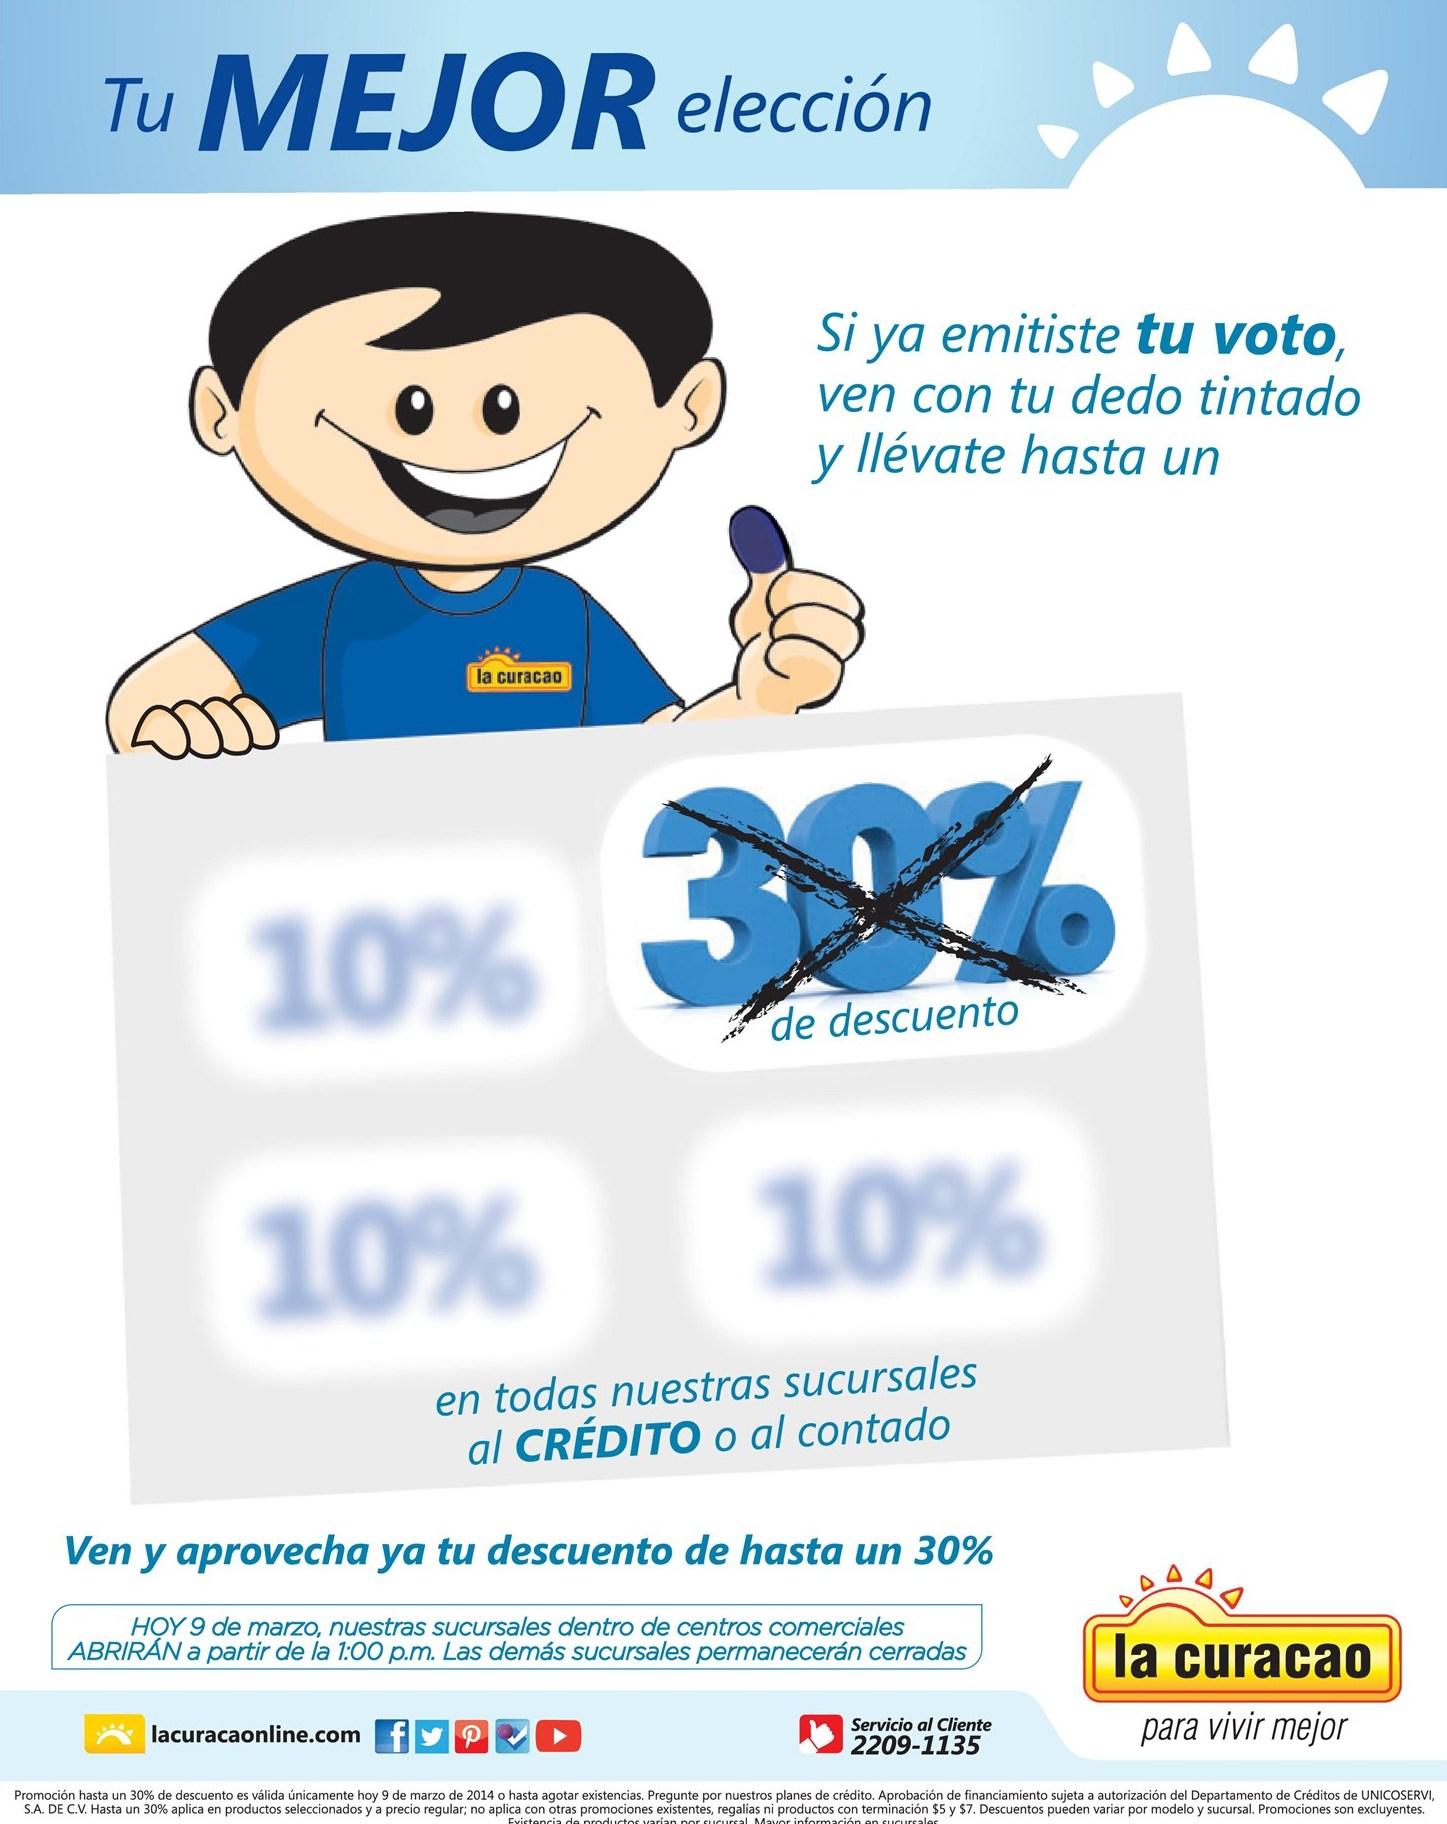 Tu mejor elcciones DESCUENTO por tu voto LA CURACAO - 09mar14